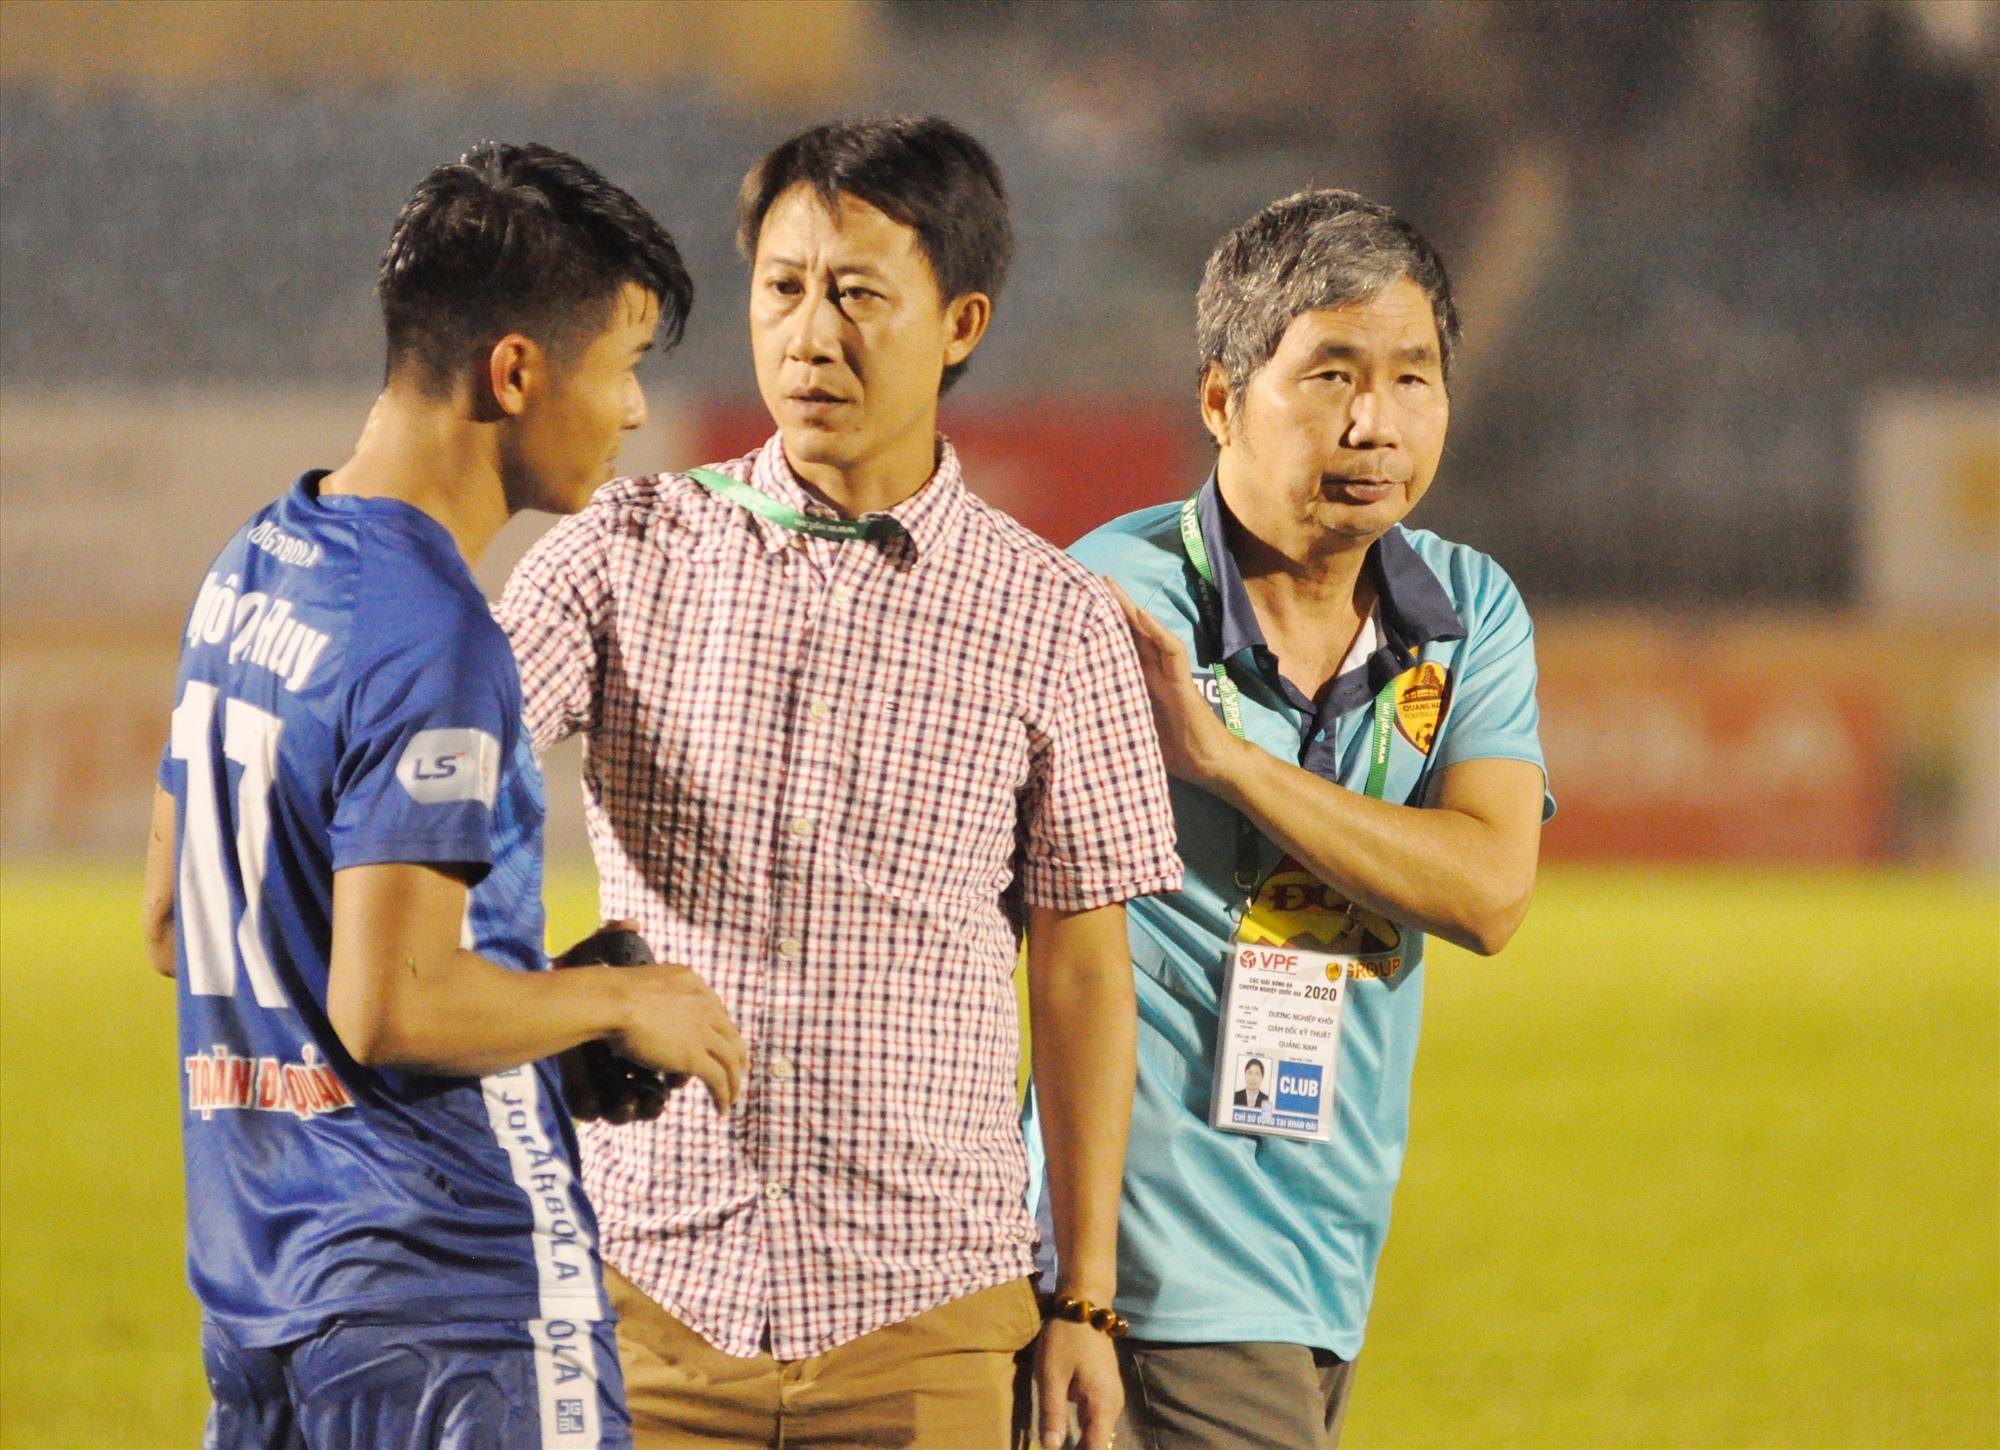 HLV Nguyễn Thành Công và Giám đốc điều hành Dương Nghiệp Khôi (phải) cùng màu áo Quảng Nam. Ảnh: A.S